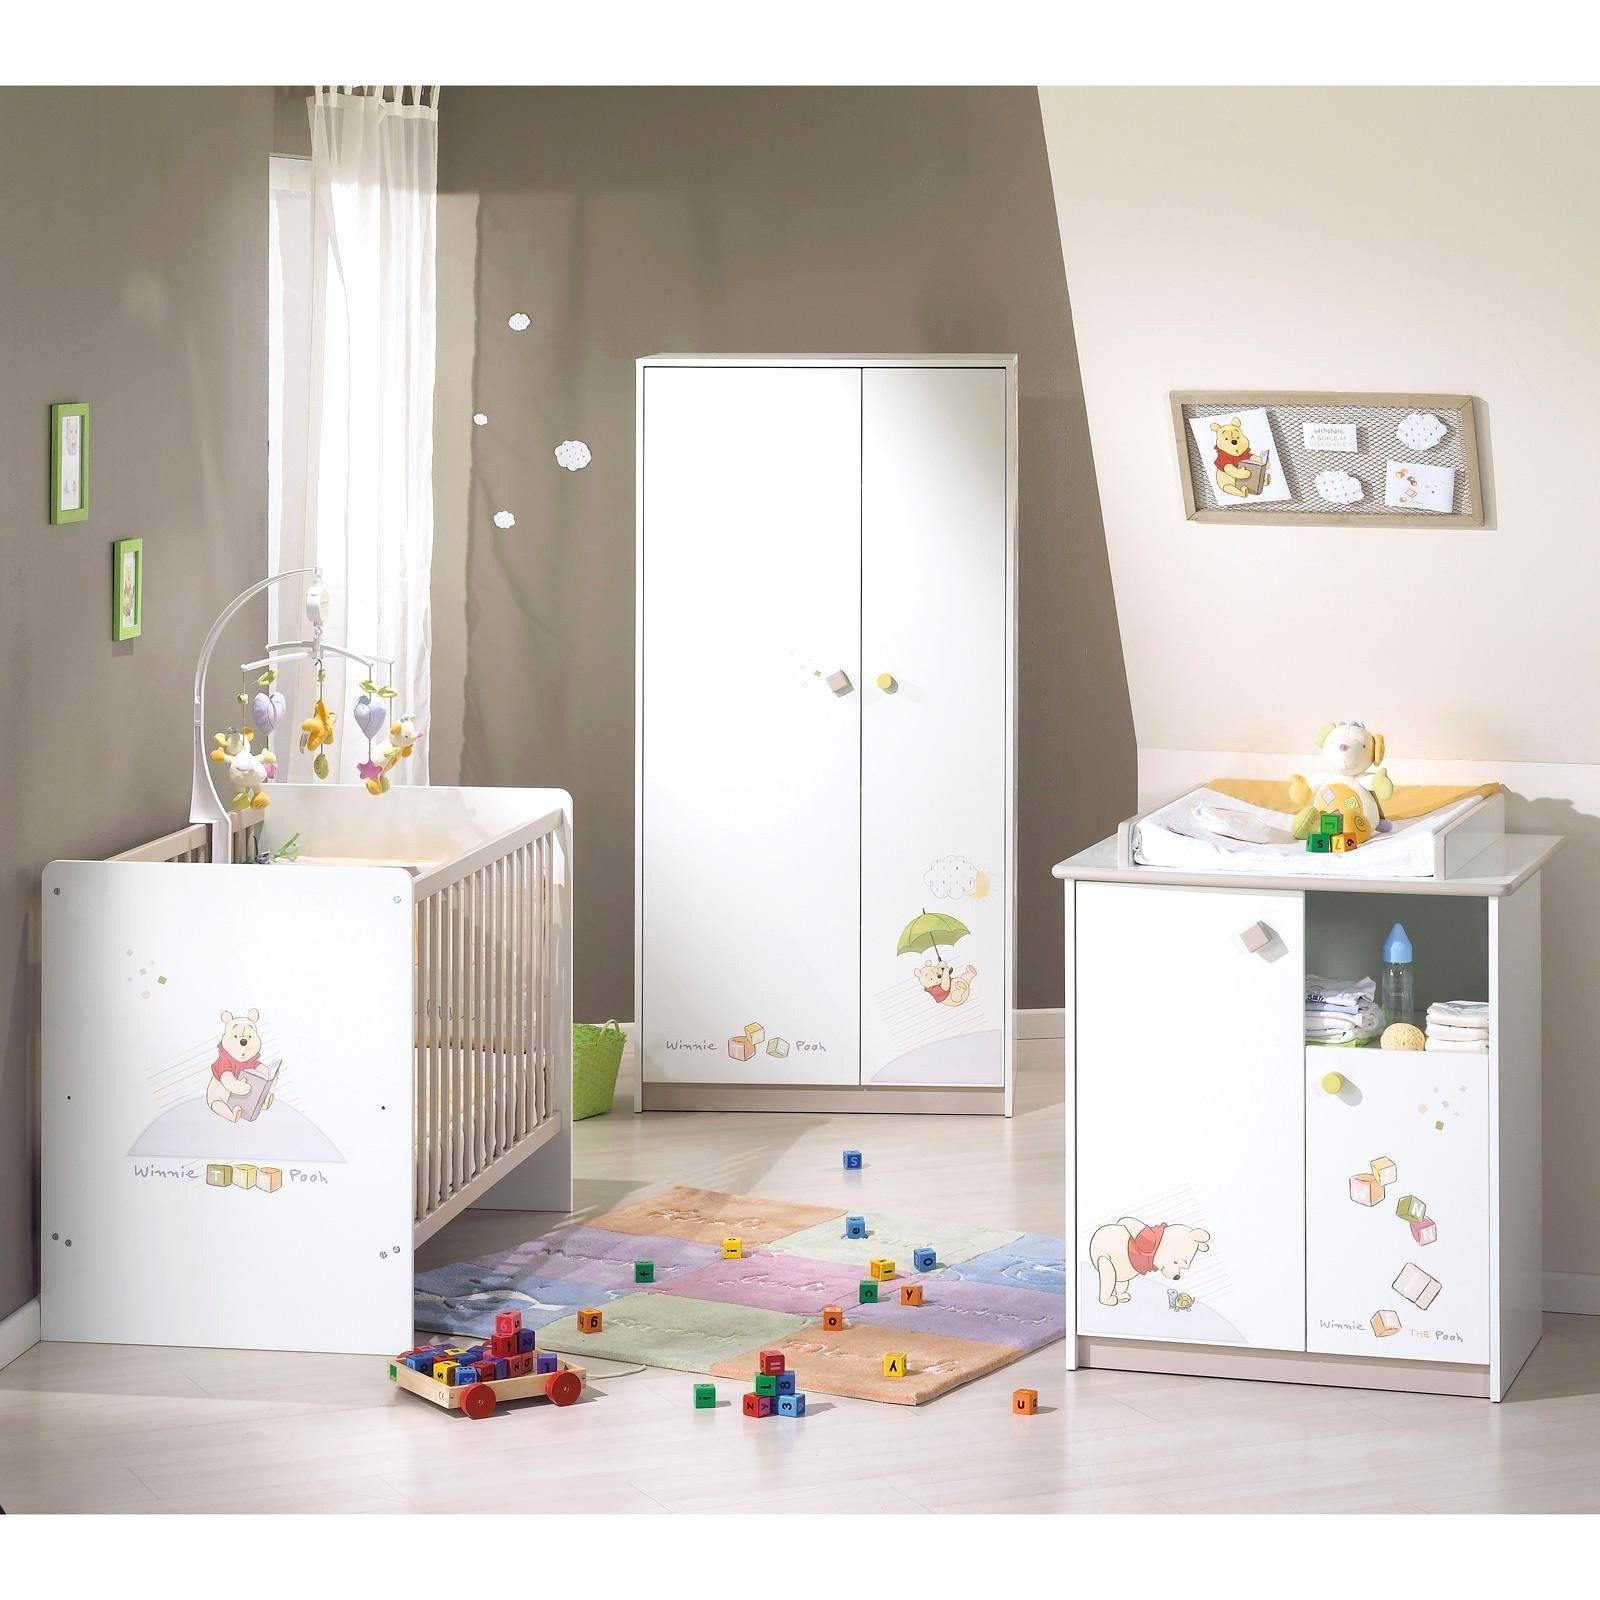 Lit Enfant Alinea Luxe Meuble Chambre Garcon Impressionnant Chambre Enfant Alinea Frais